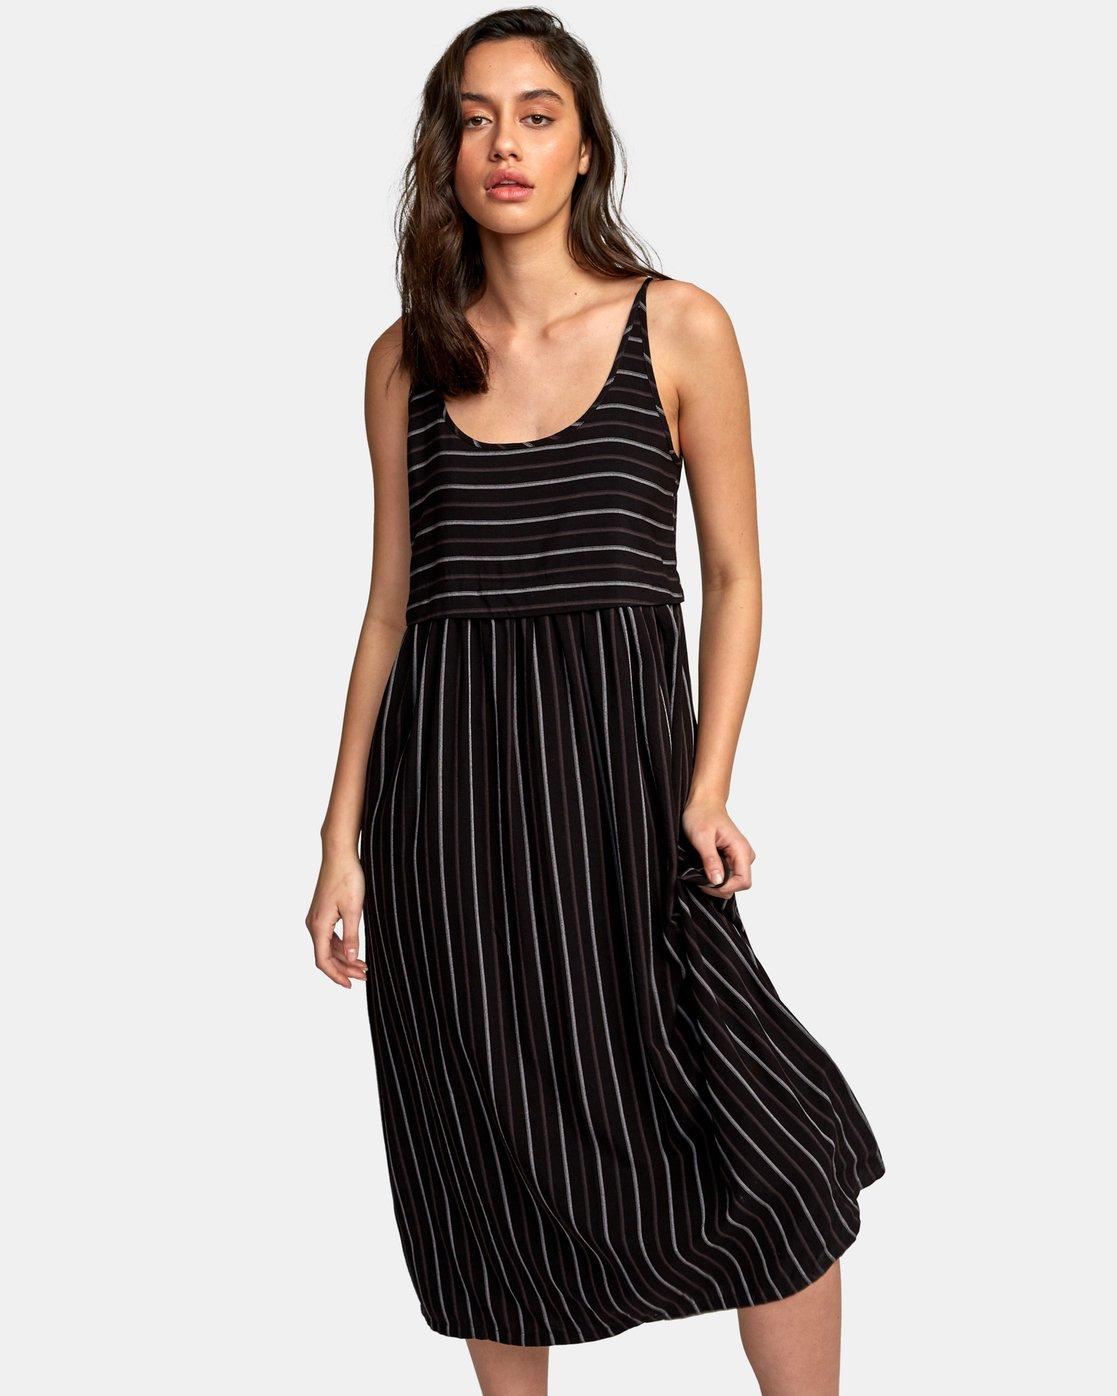 0 Square One Midi Dress Black WD14WRSO RVCA